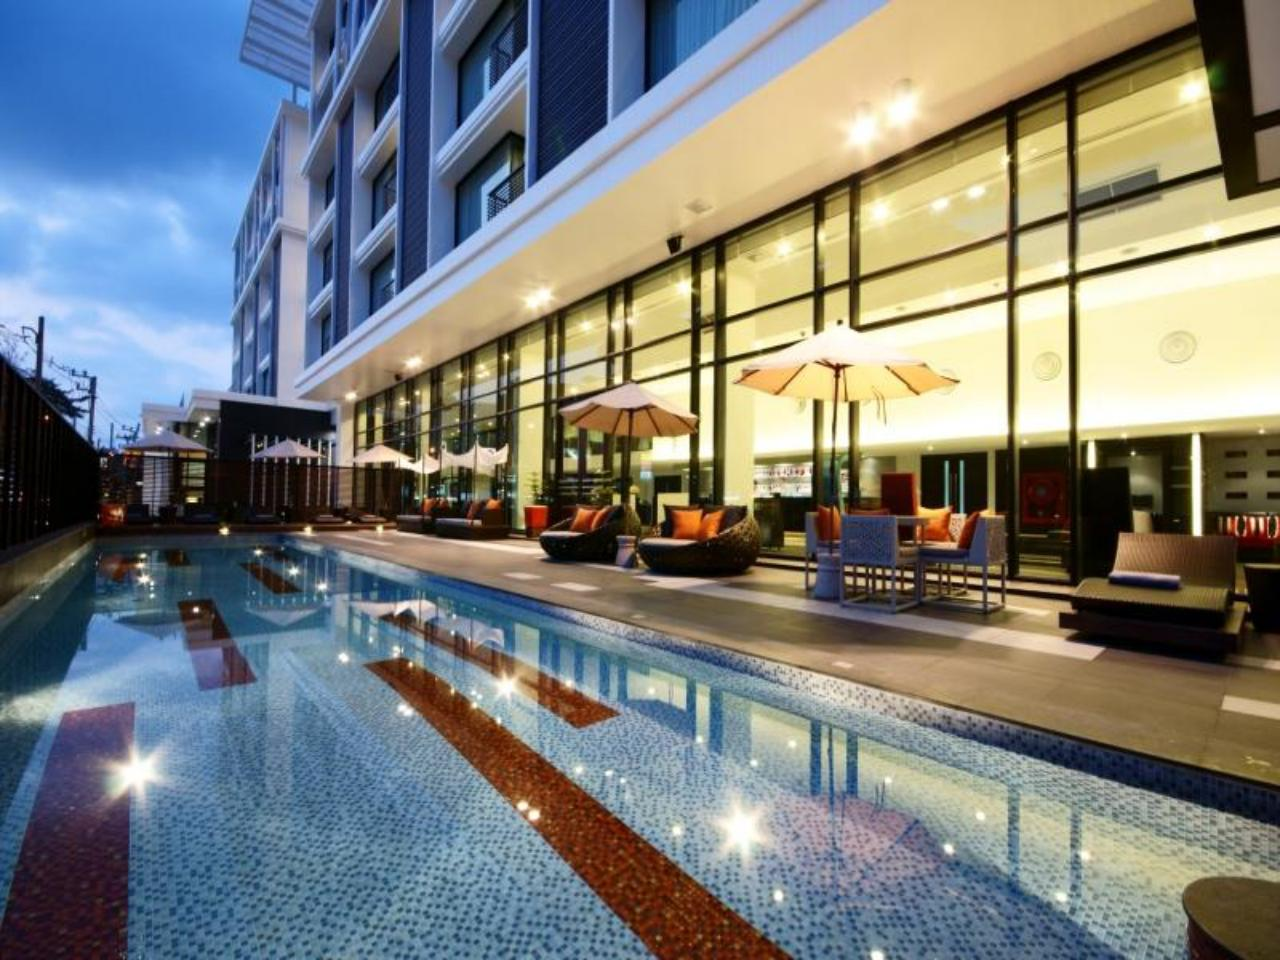 โรงแรมทีซิกซ์ตี้ไฟว์ (Tsix5 Hotel)